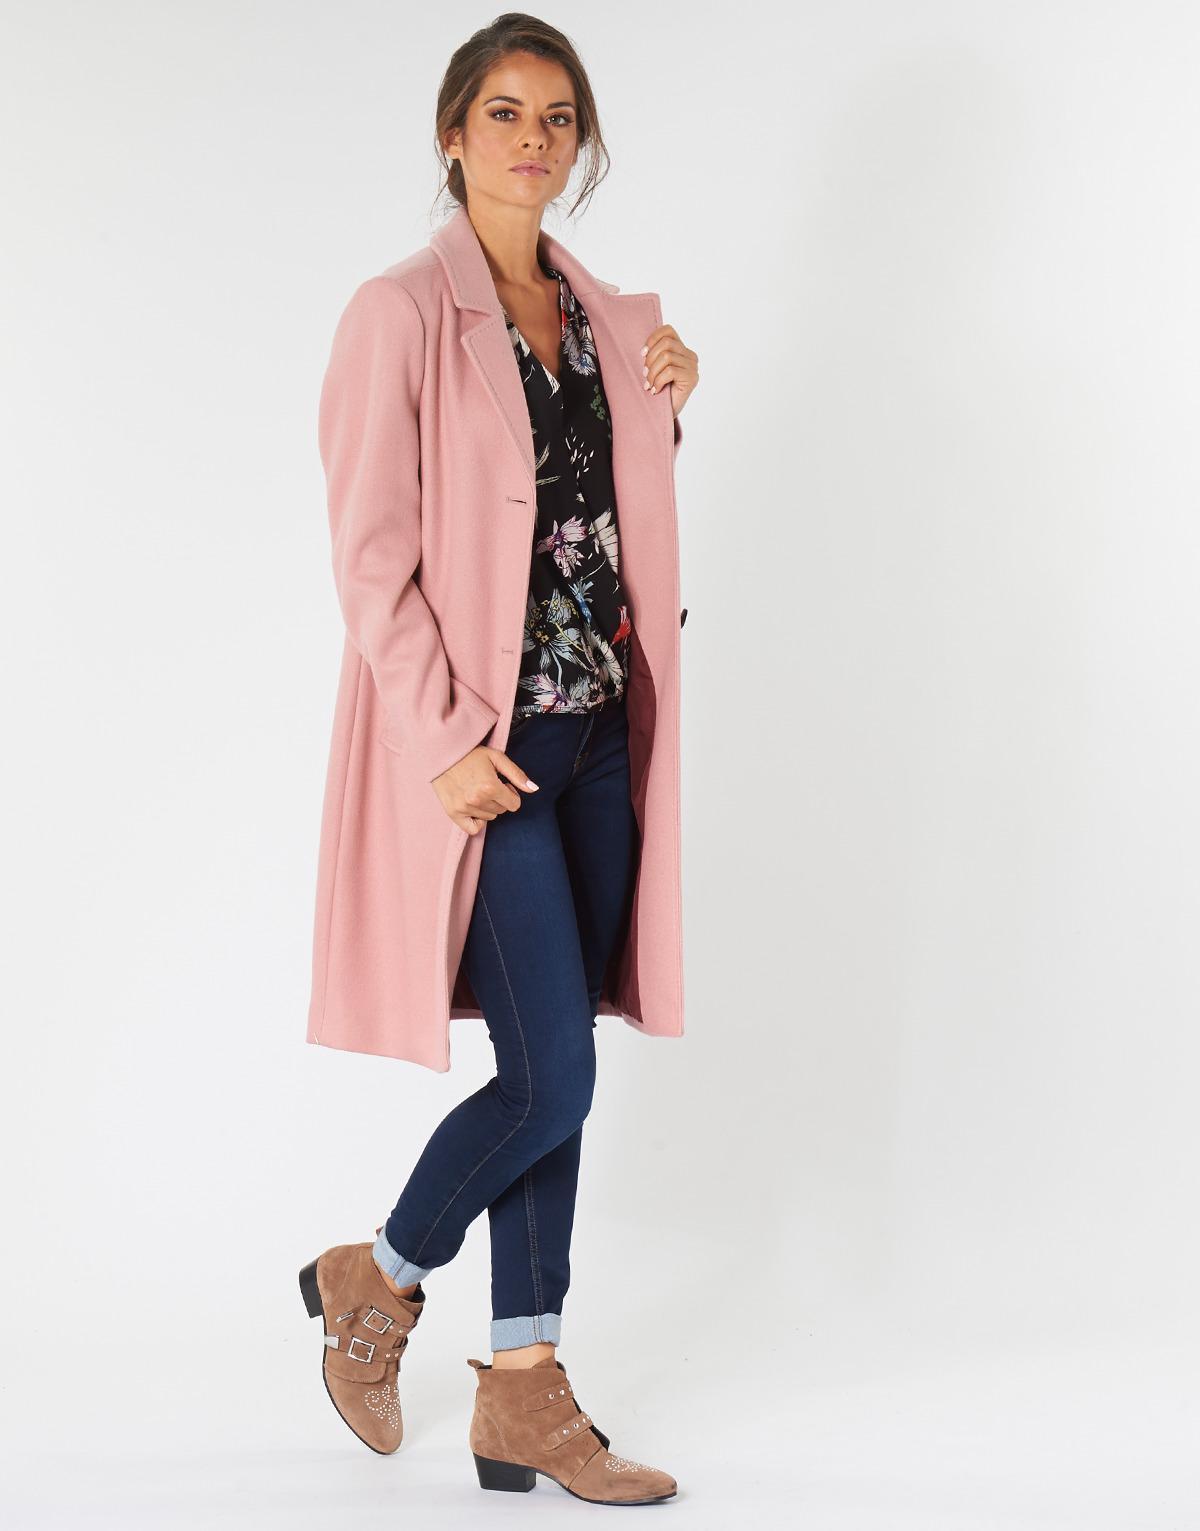 05-909-52-8963-4175 femmes Manteau en rose S.oliver en coloris Rose mbnAK